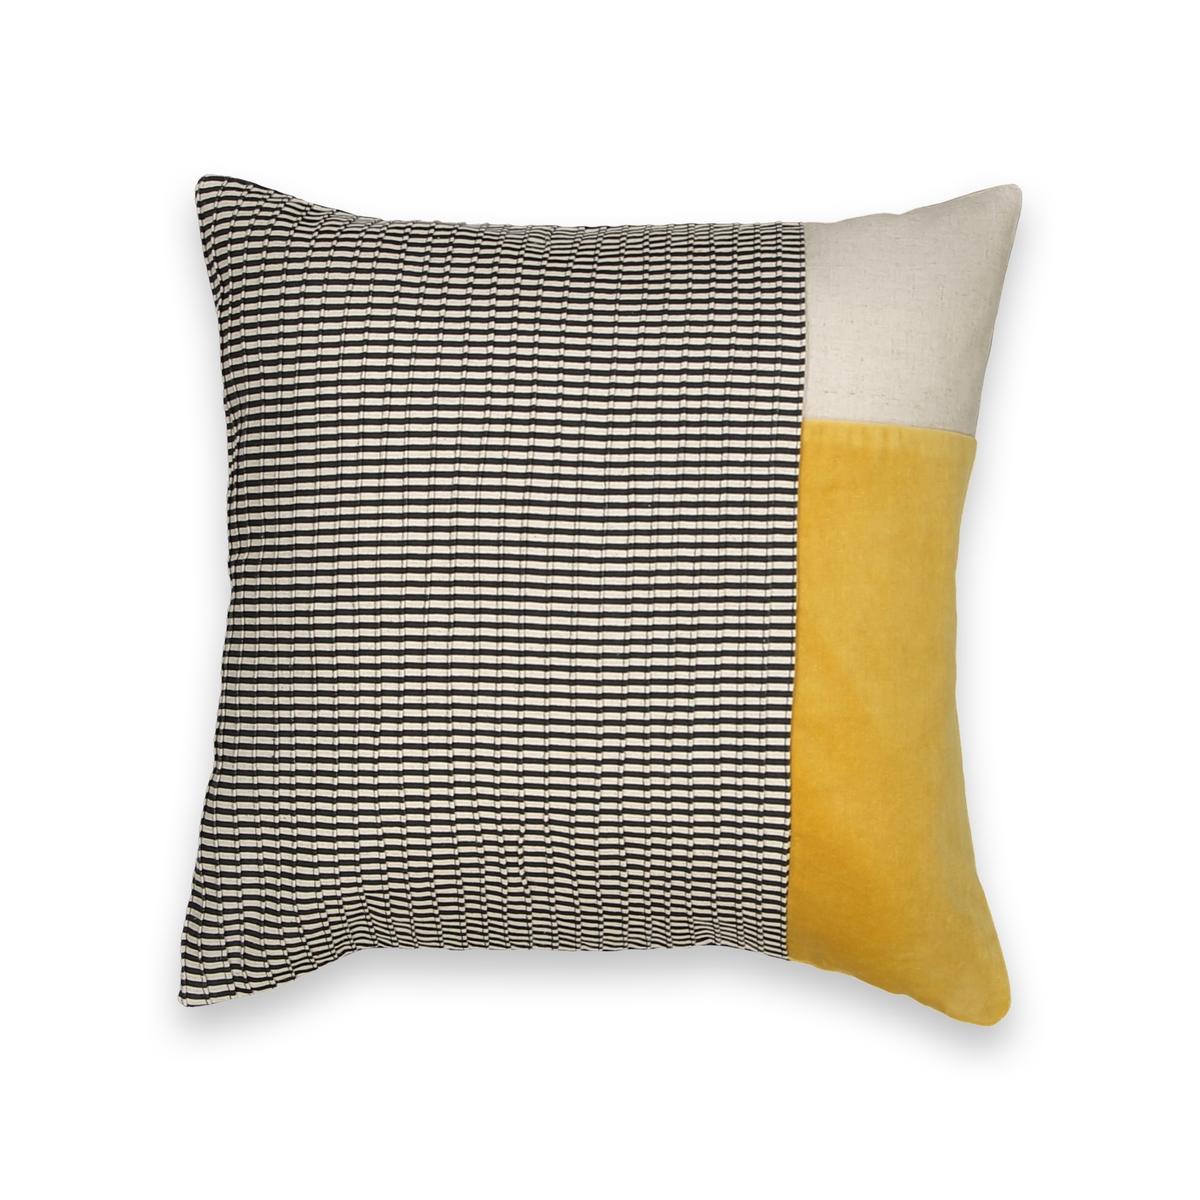 Наволочка, KhertiНаволочка Kherti . Красивый принт натурально, черного и горчично-желтогго цвета  . Однотонная оборотная сторона . 65% хлопка, 19% вискозы, 13% льна, 3% лиоцелла . Скрытая застежка на молнию. Размер : 40 x 40 см. Подушка продается отдельно.<br><br>Цвет: экрю/ черный